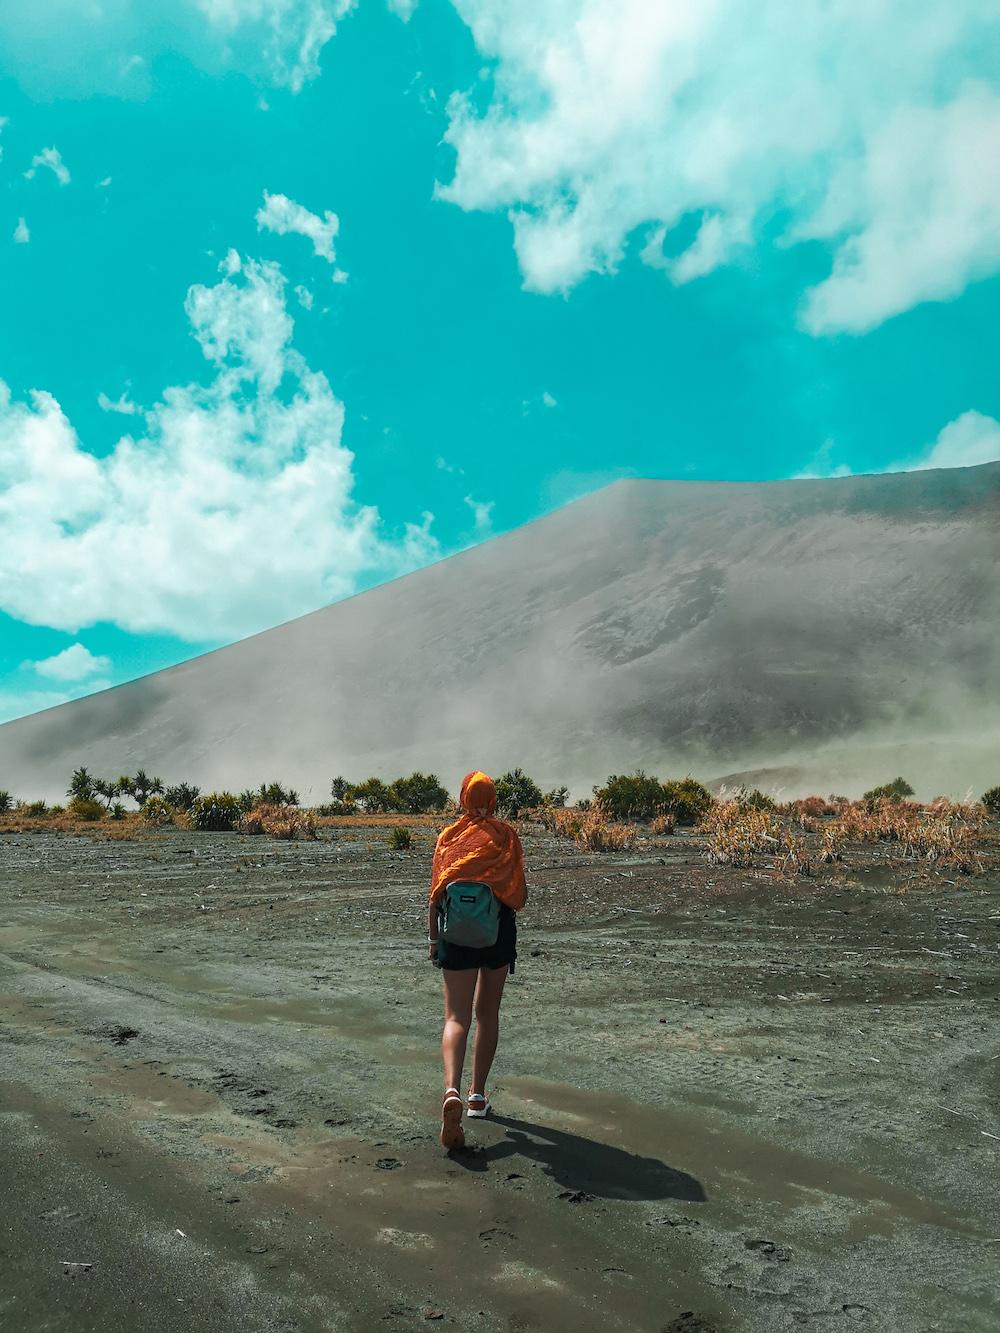 En route vers le volcan, avec un foulard pour se protéger des poussières